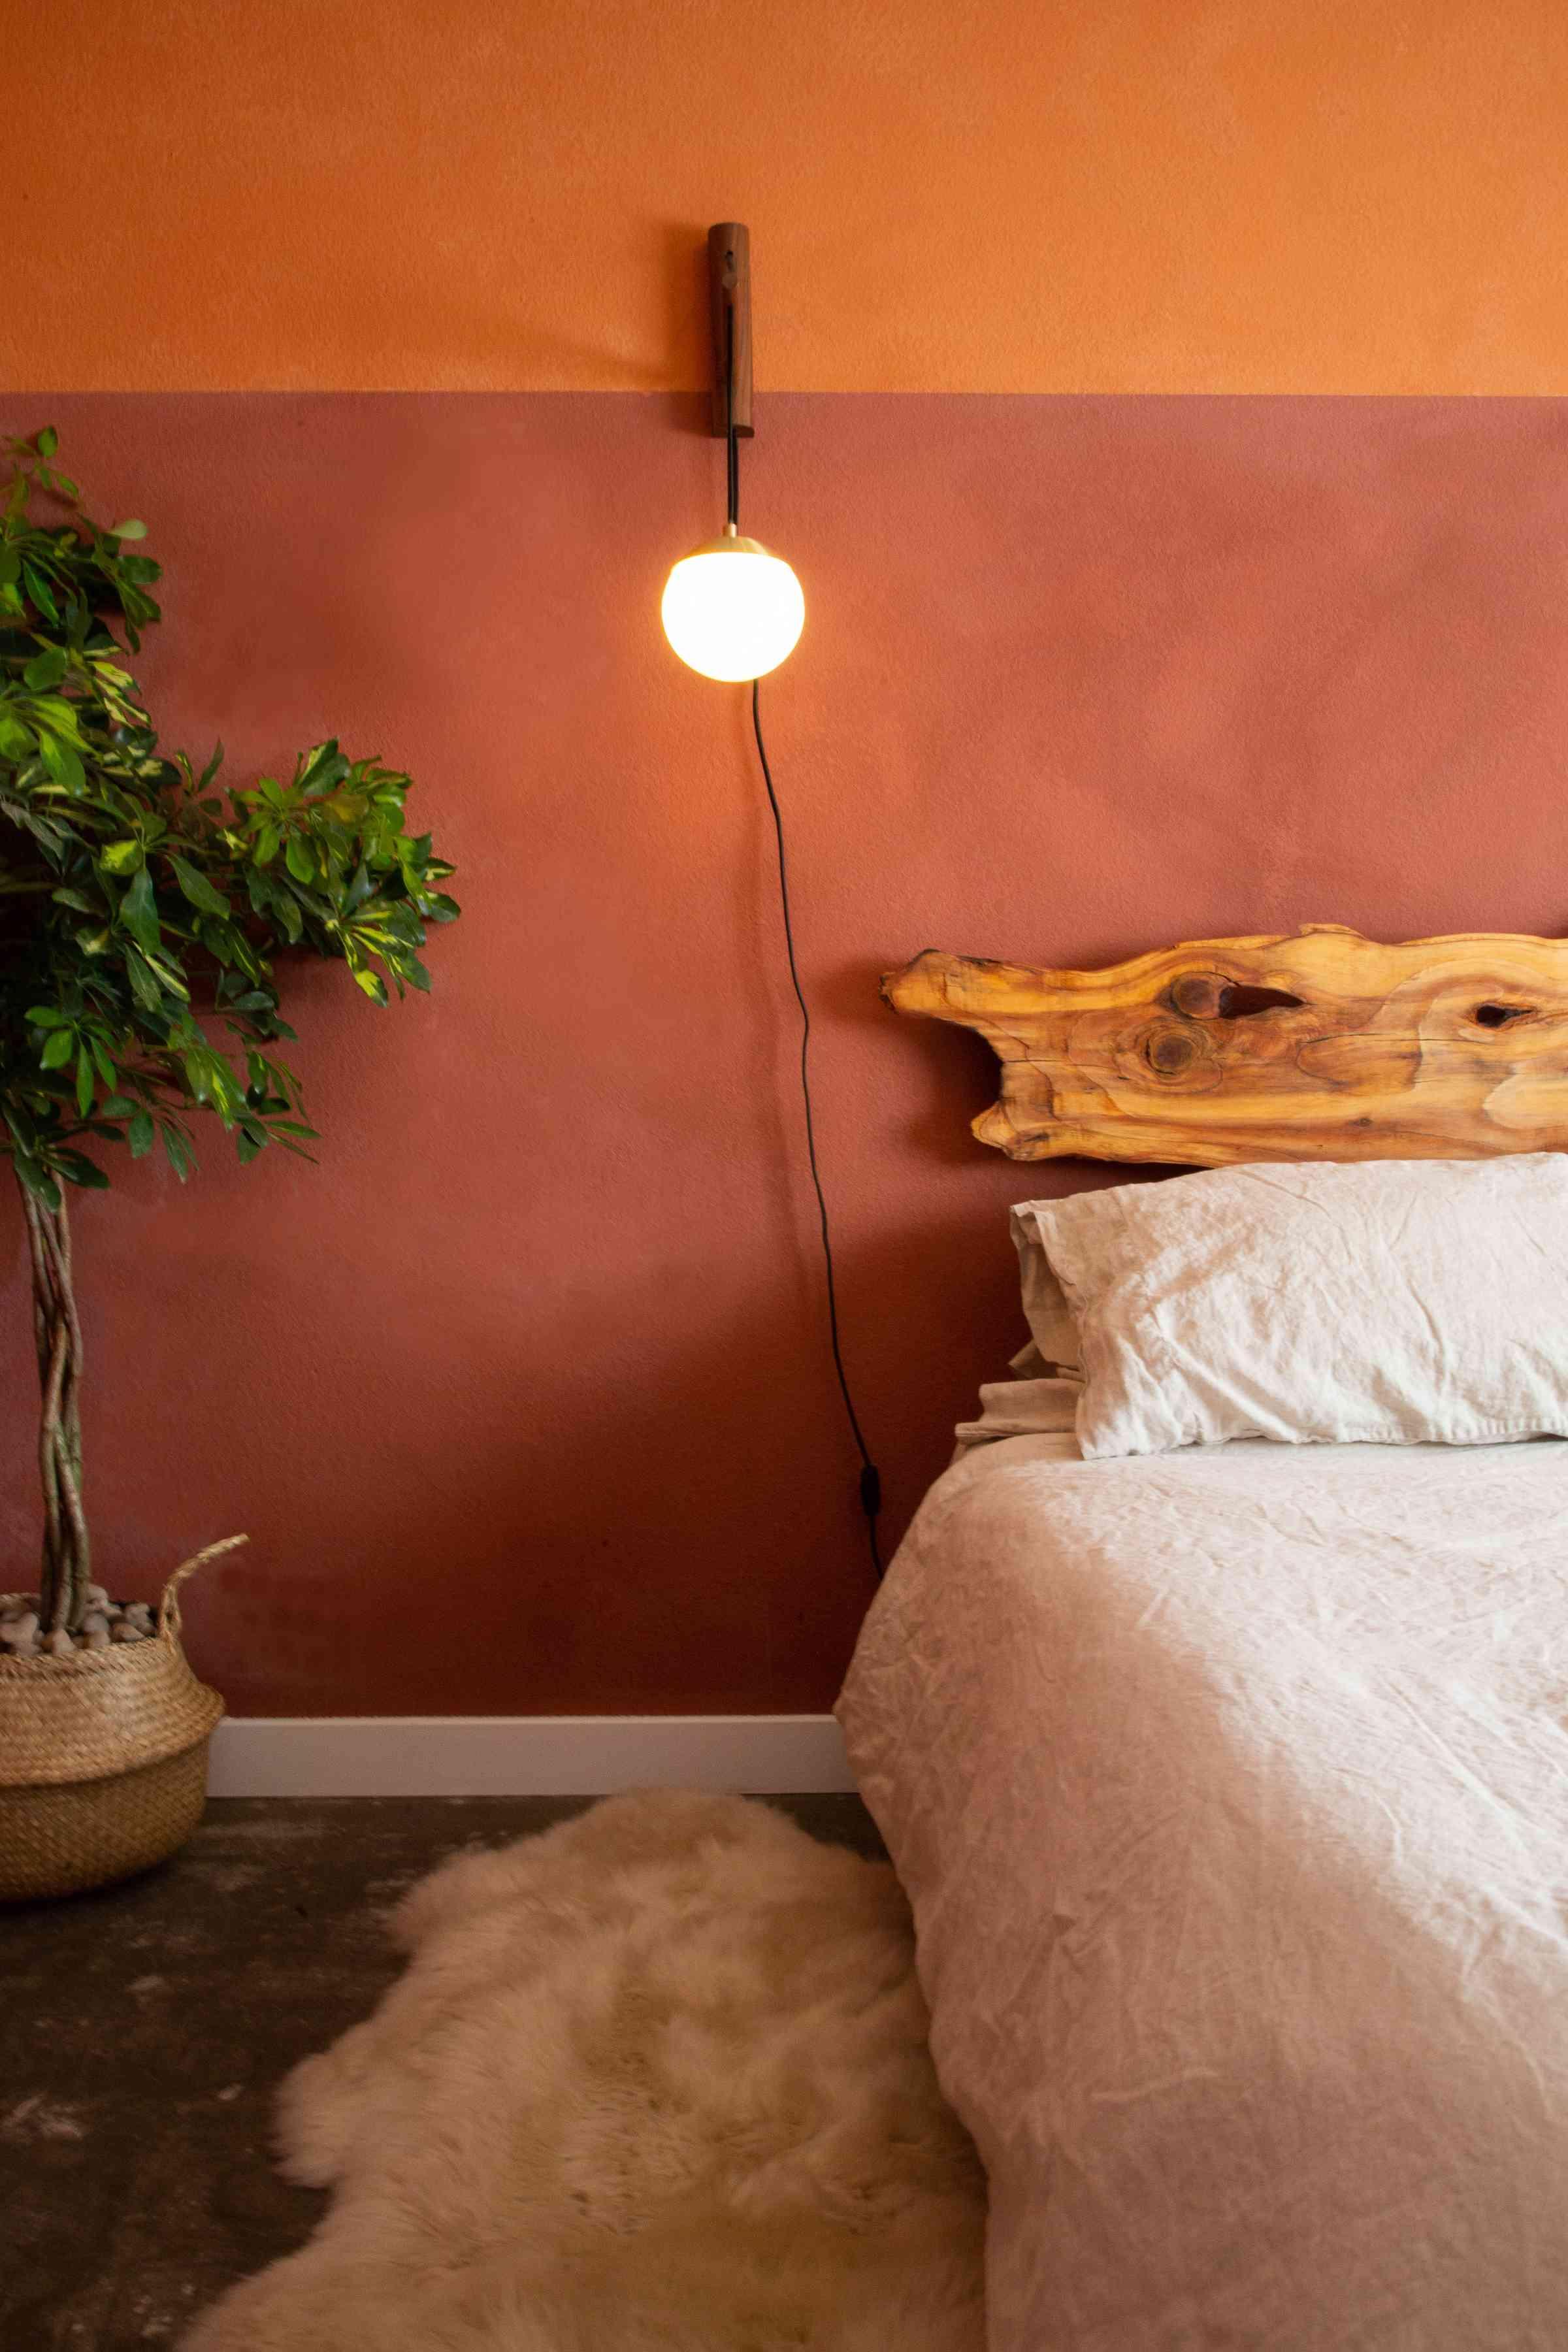 Warm textured walls.